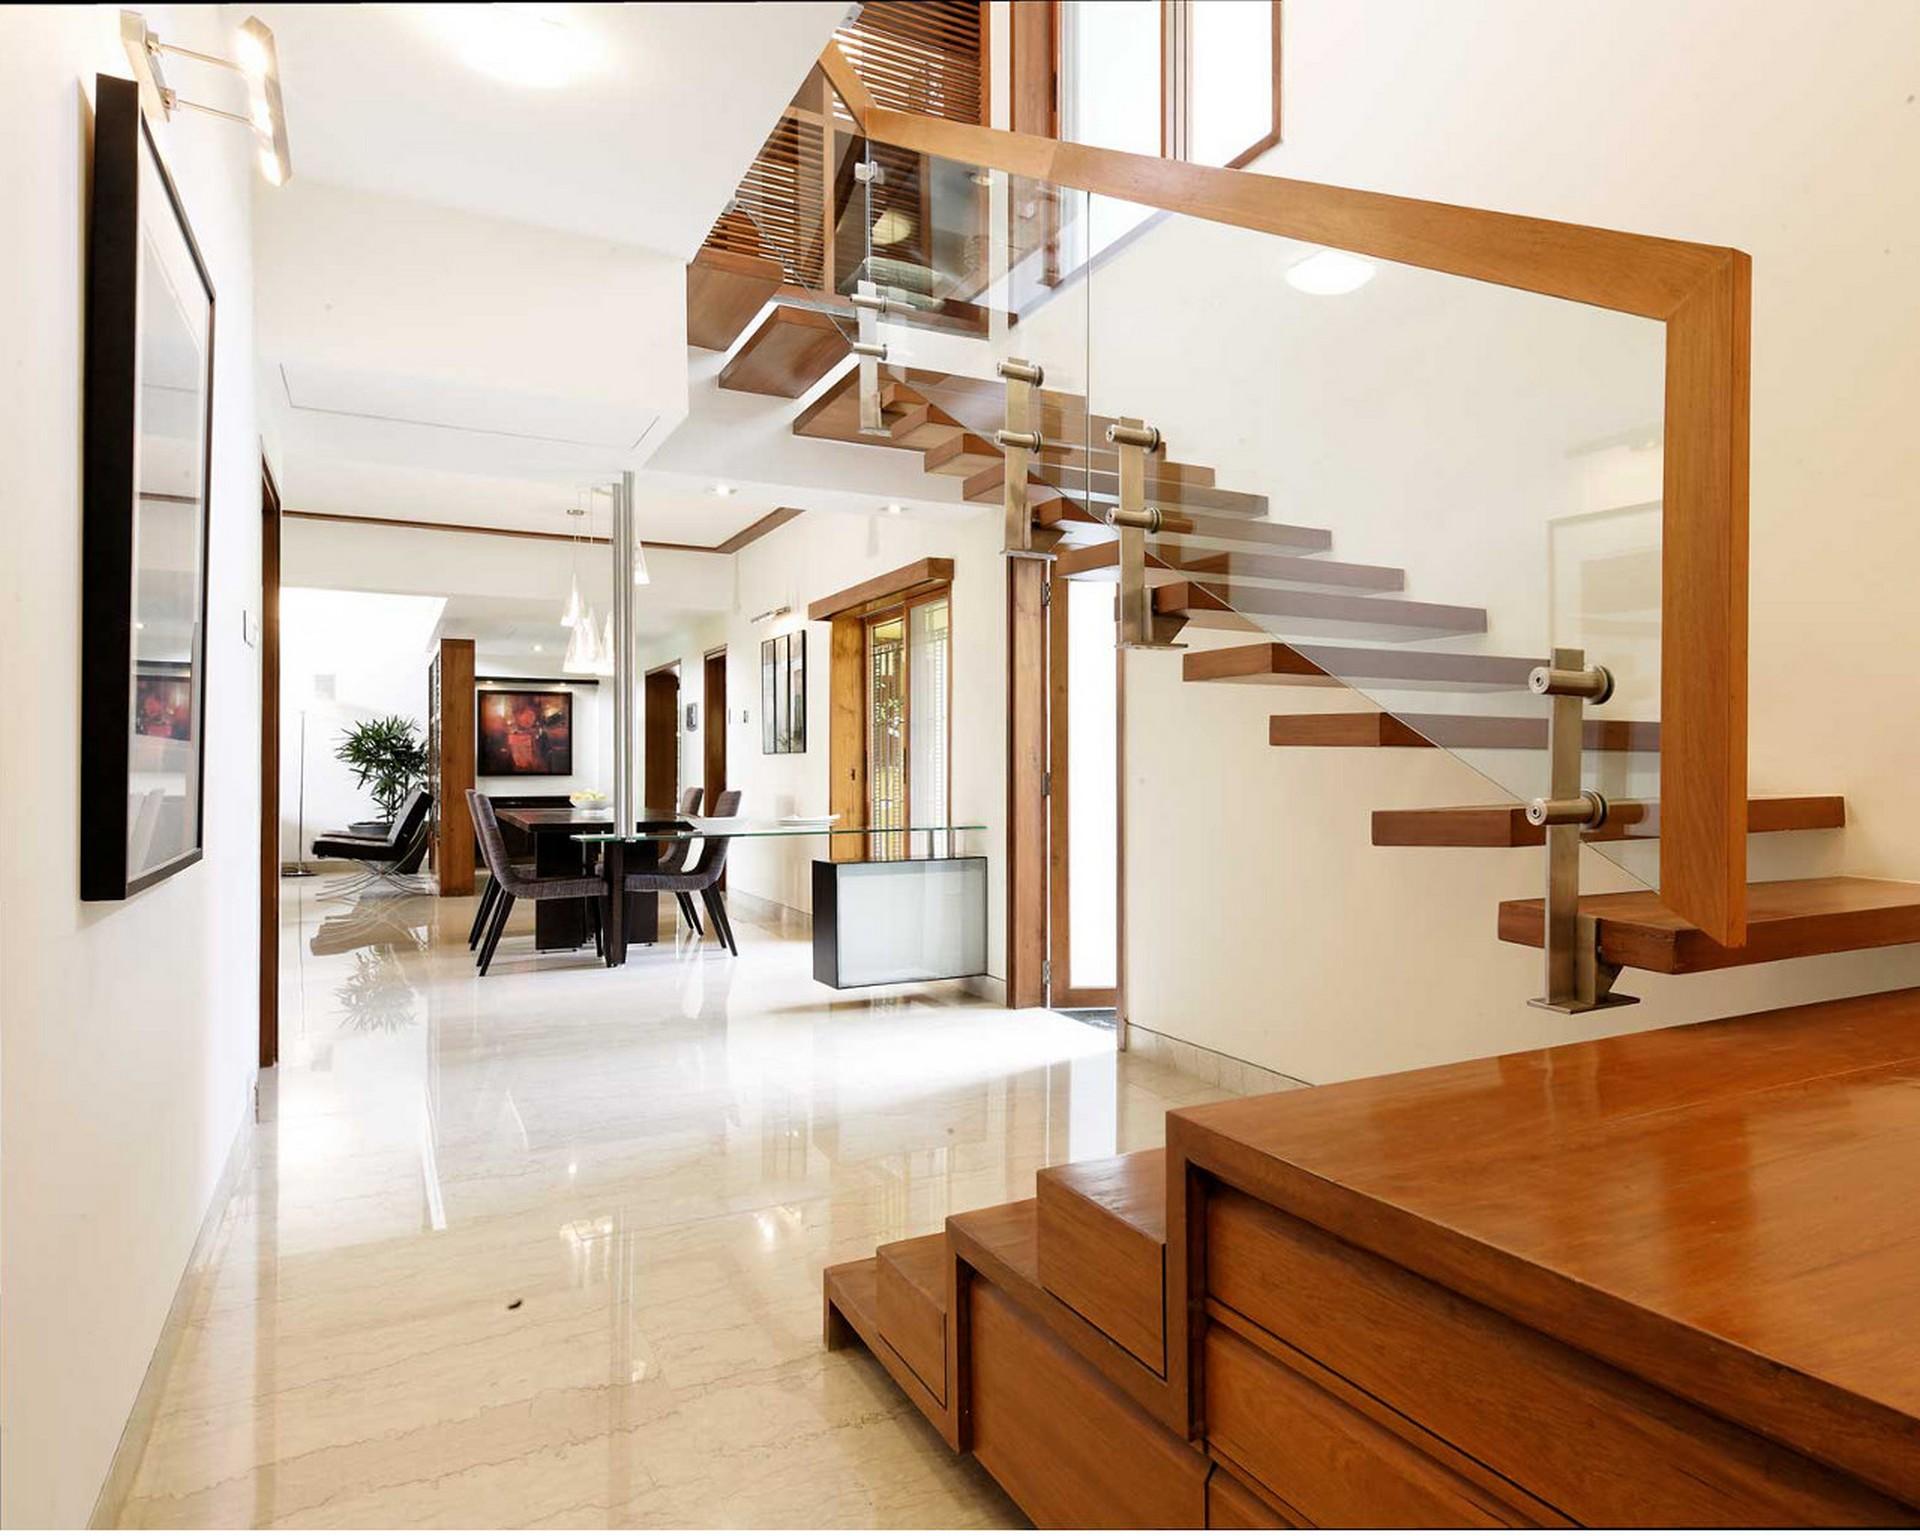 Đối với các công trình xây dựng kiểu biệt thự, độ rộng cầu thang phải từ là 1,5m trở lên